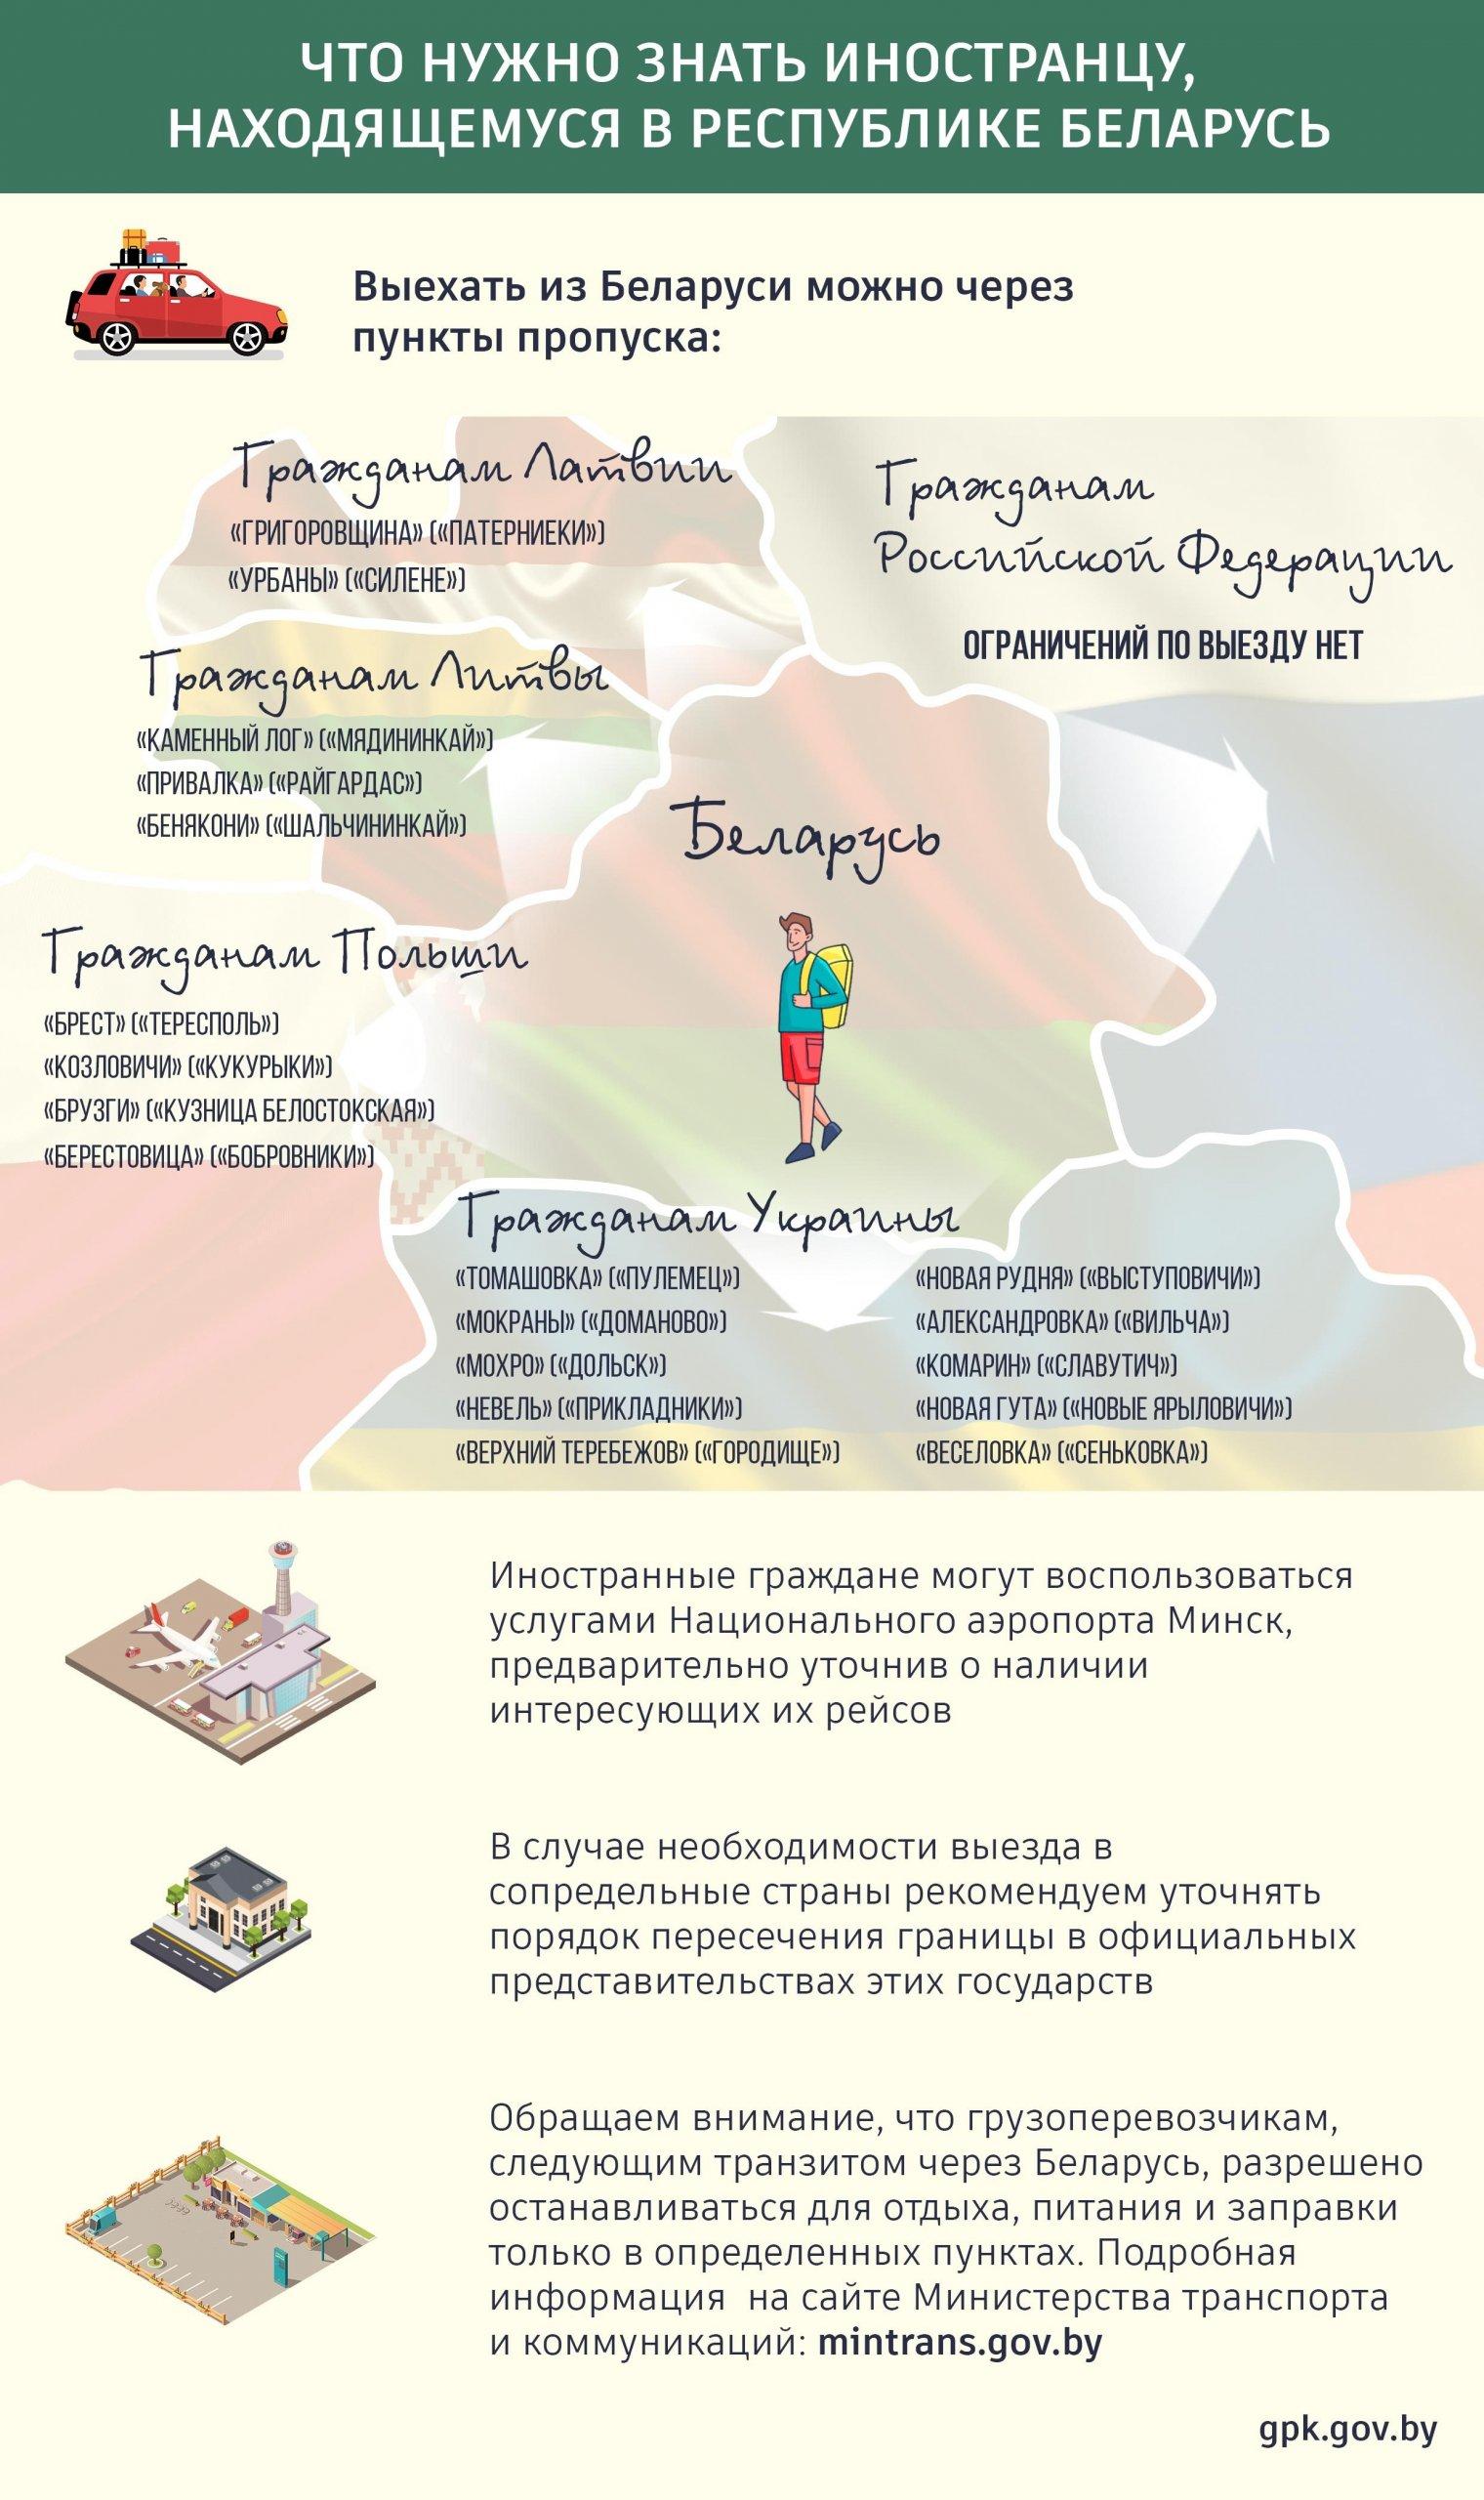 Как вернутся домой? Информация для белорусов, находящихся за границей